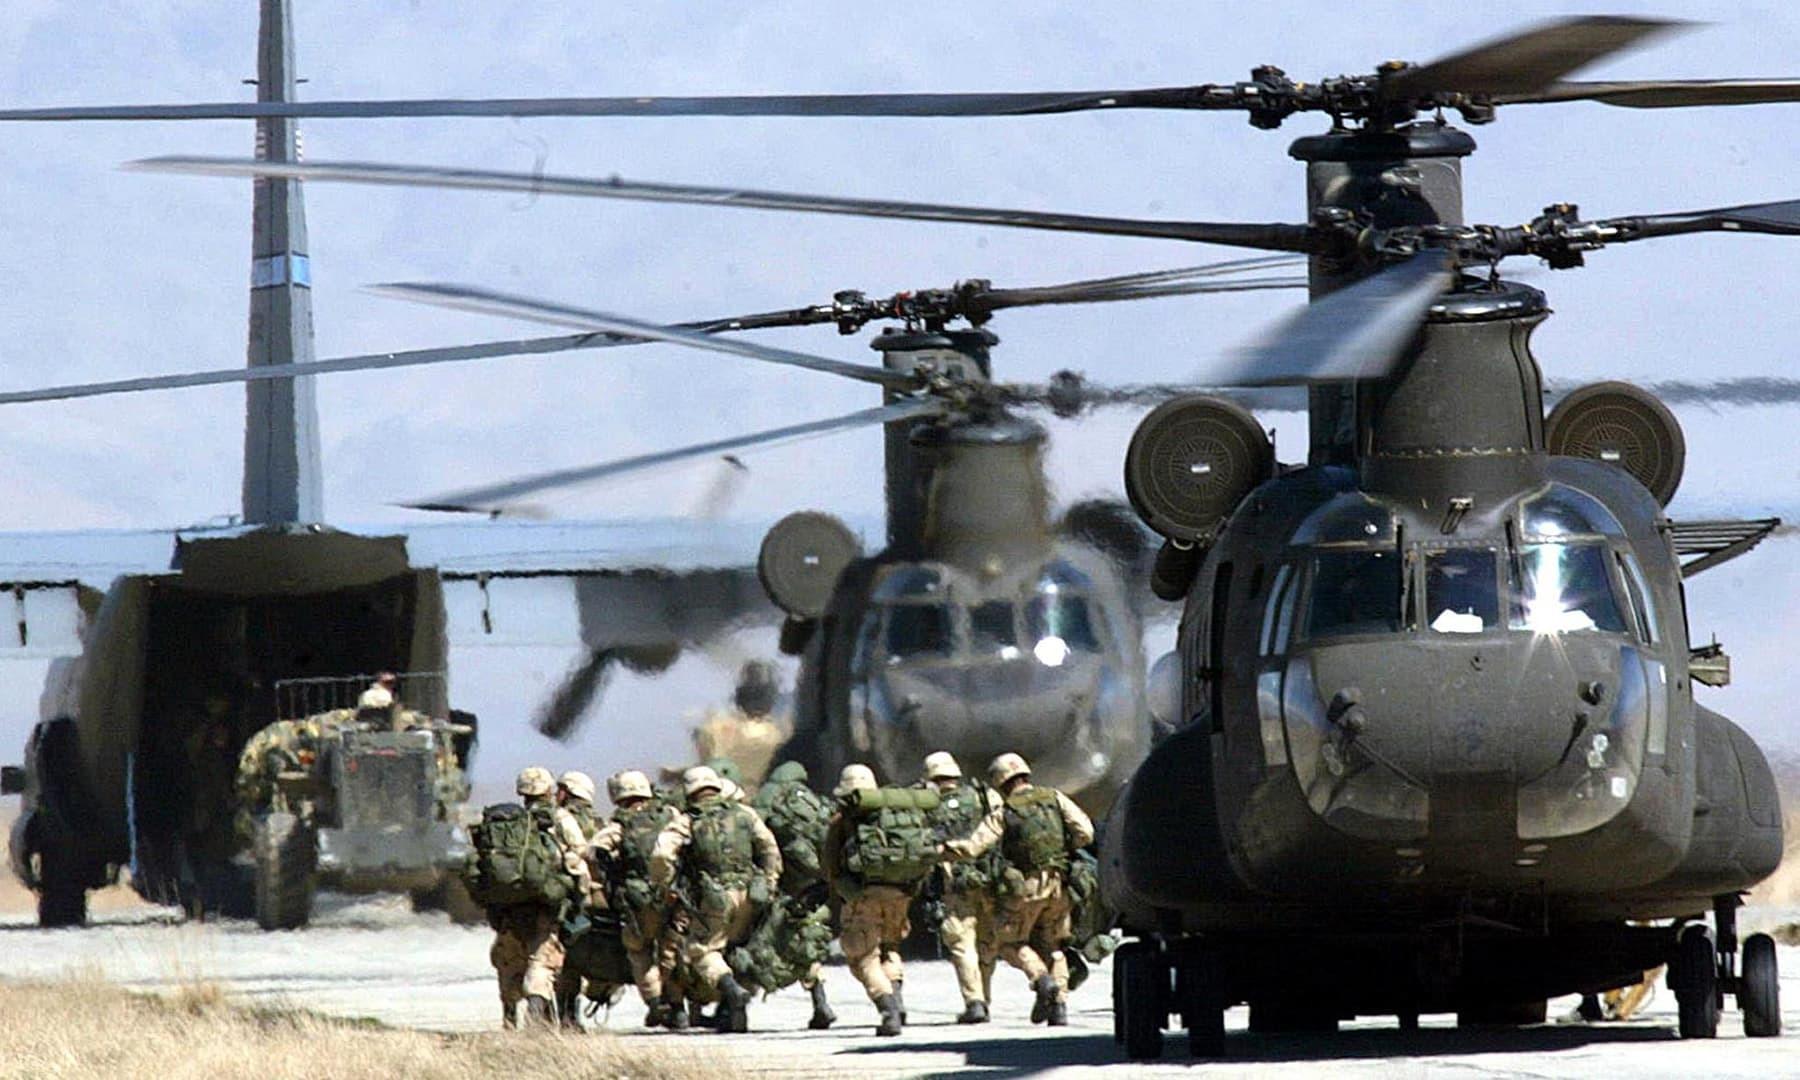 امریکی سی ایچ چینیوک ہیلی کاپٹر 12 مارچ 2002 کو بگرام ایئربیس پر امریکی فوجیوں کو اتار رہا ہے—فائل/فوٹو: اے ایف پی